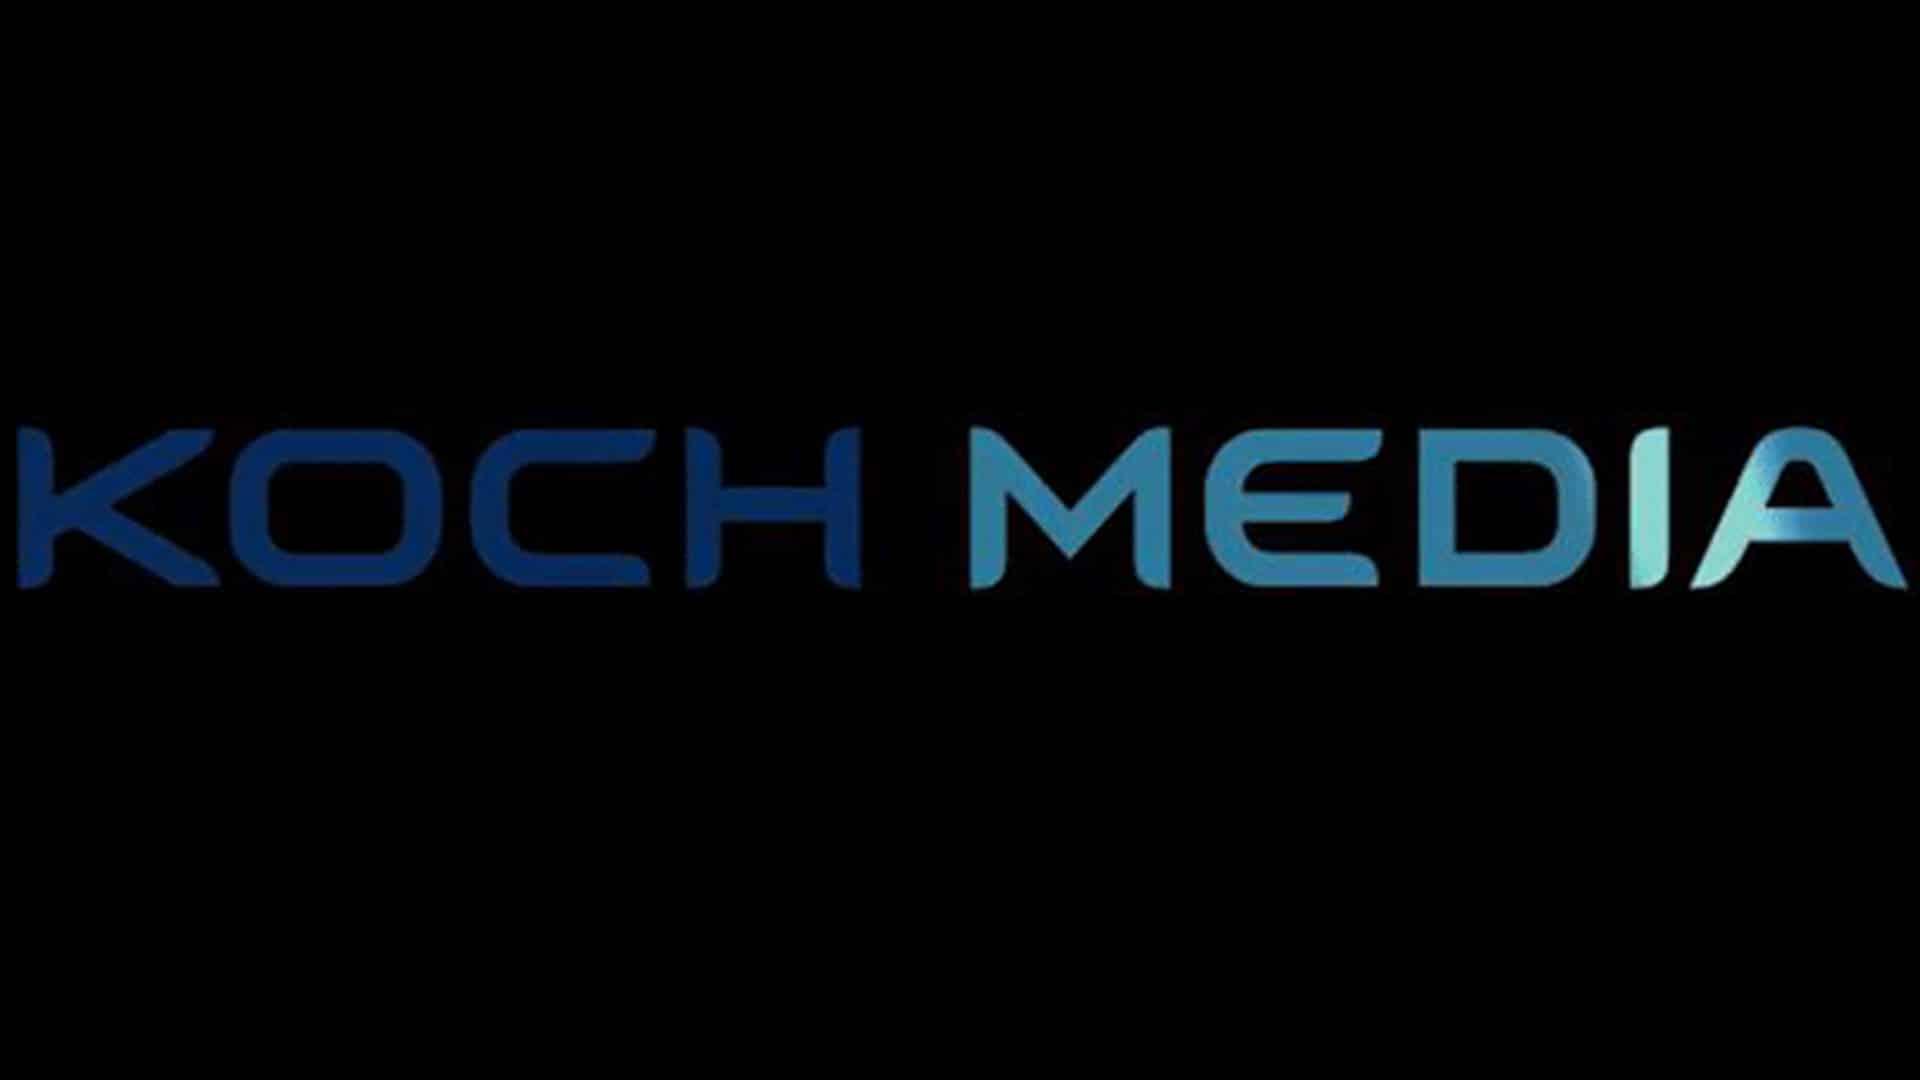 Koch Media-oyunpat